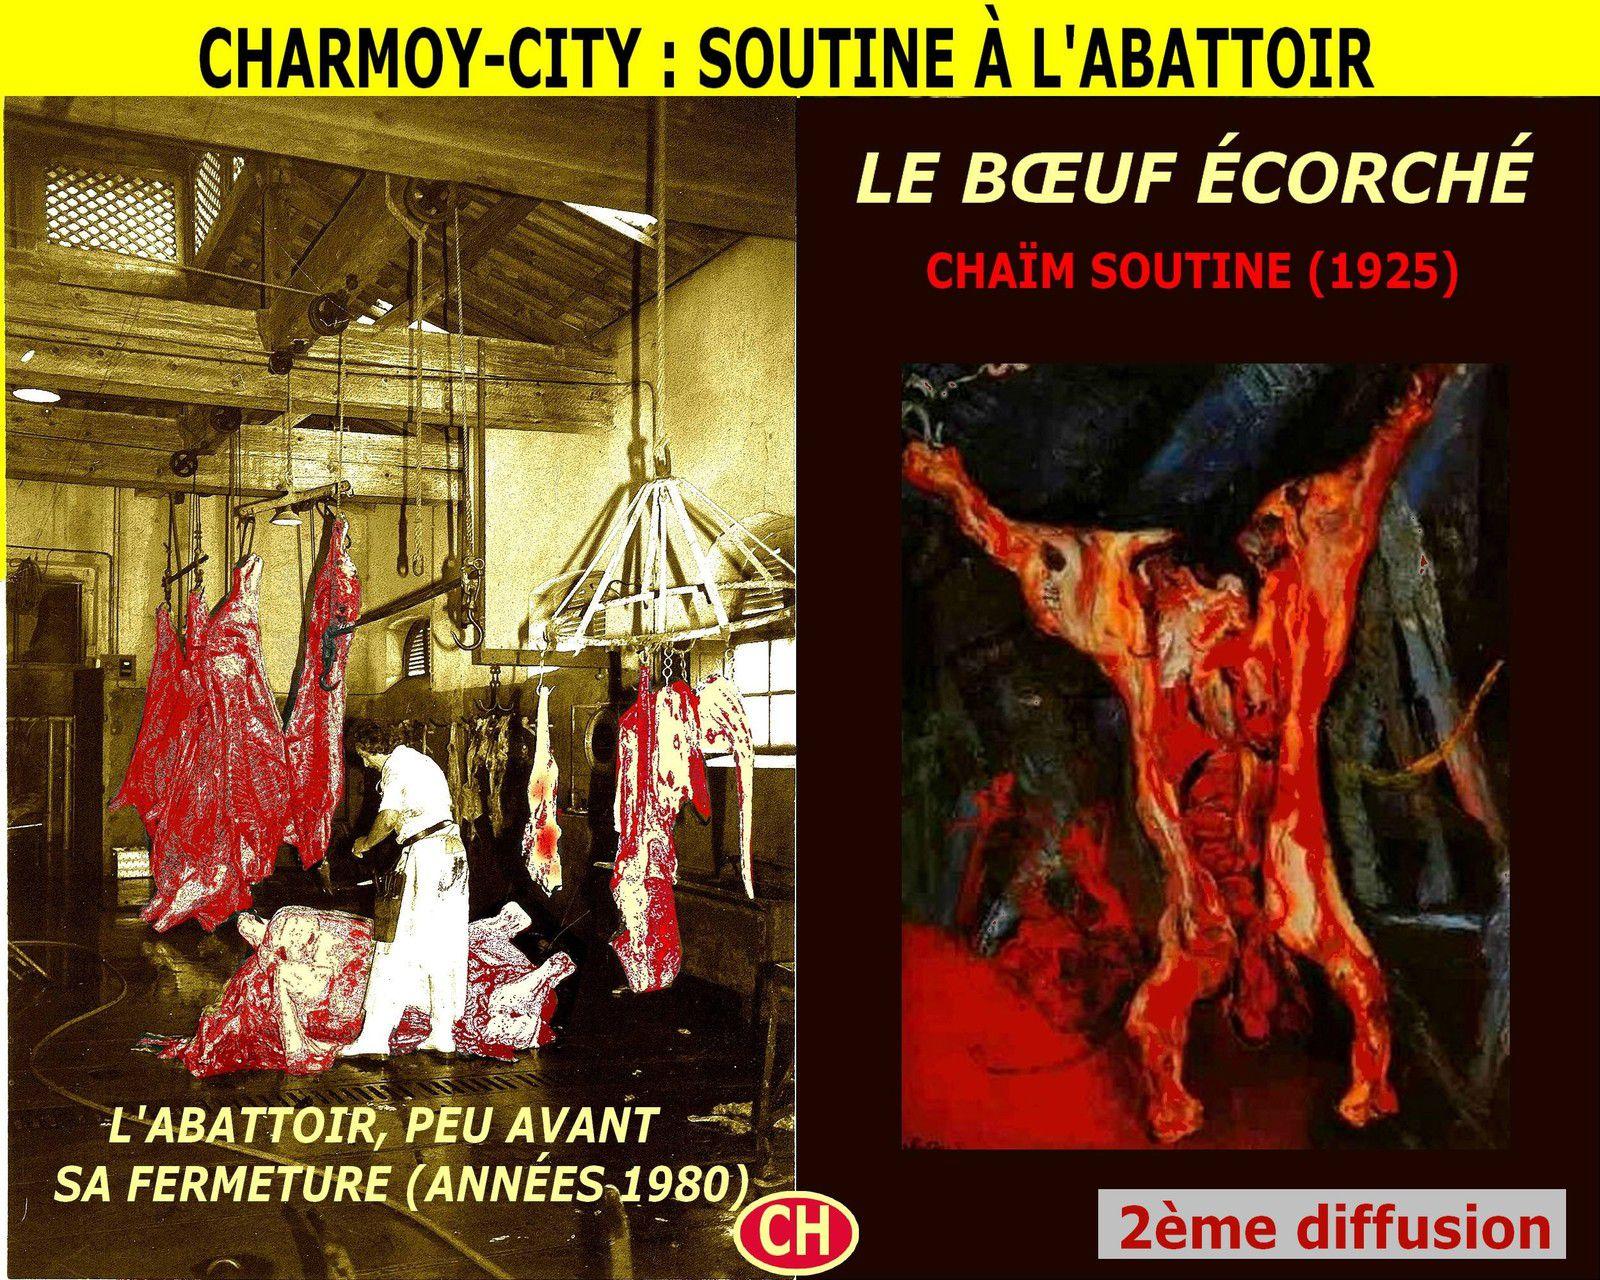 Charmoy-City, Soutine à l'Abbatoir.jpg